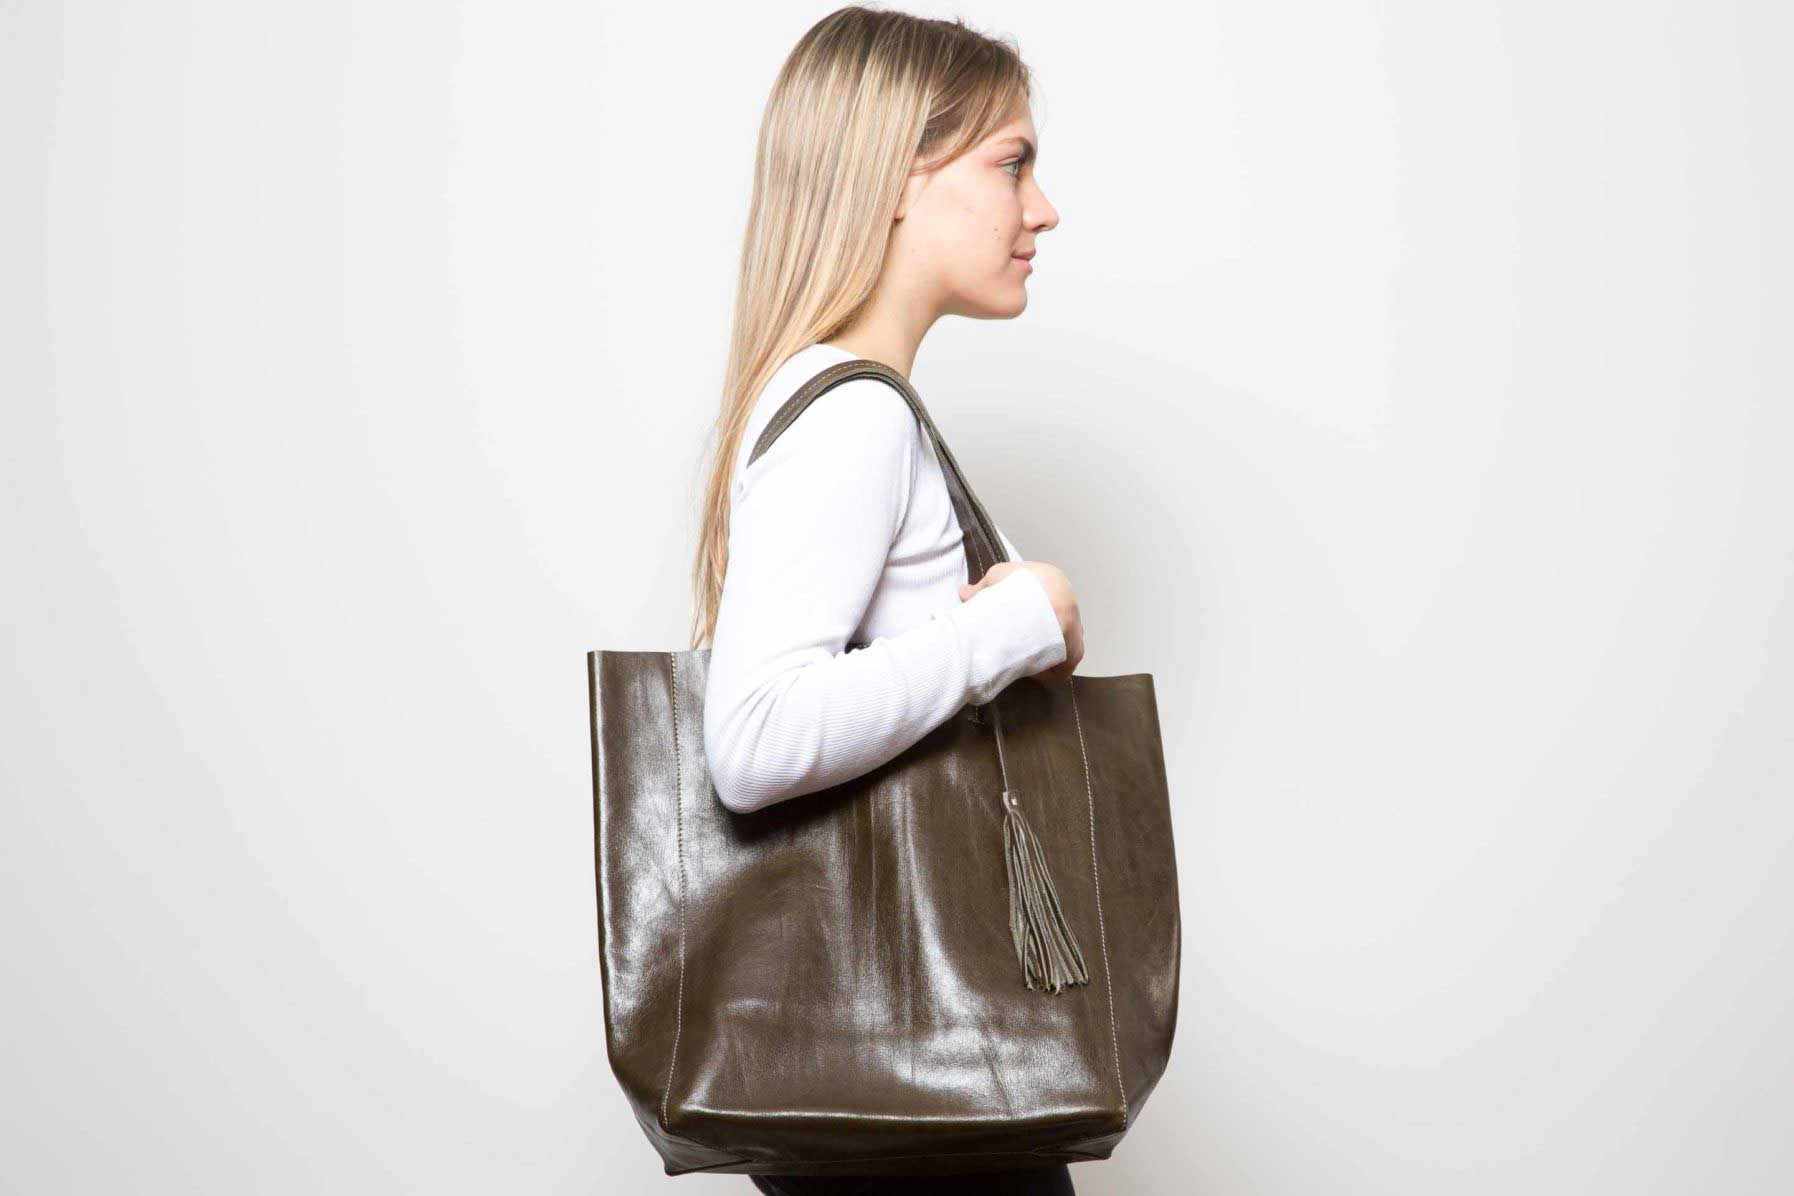 Visuel - Sac Grand Shopper En Cuir Bronze - Porté de profil - ordinari.shop